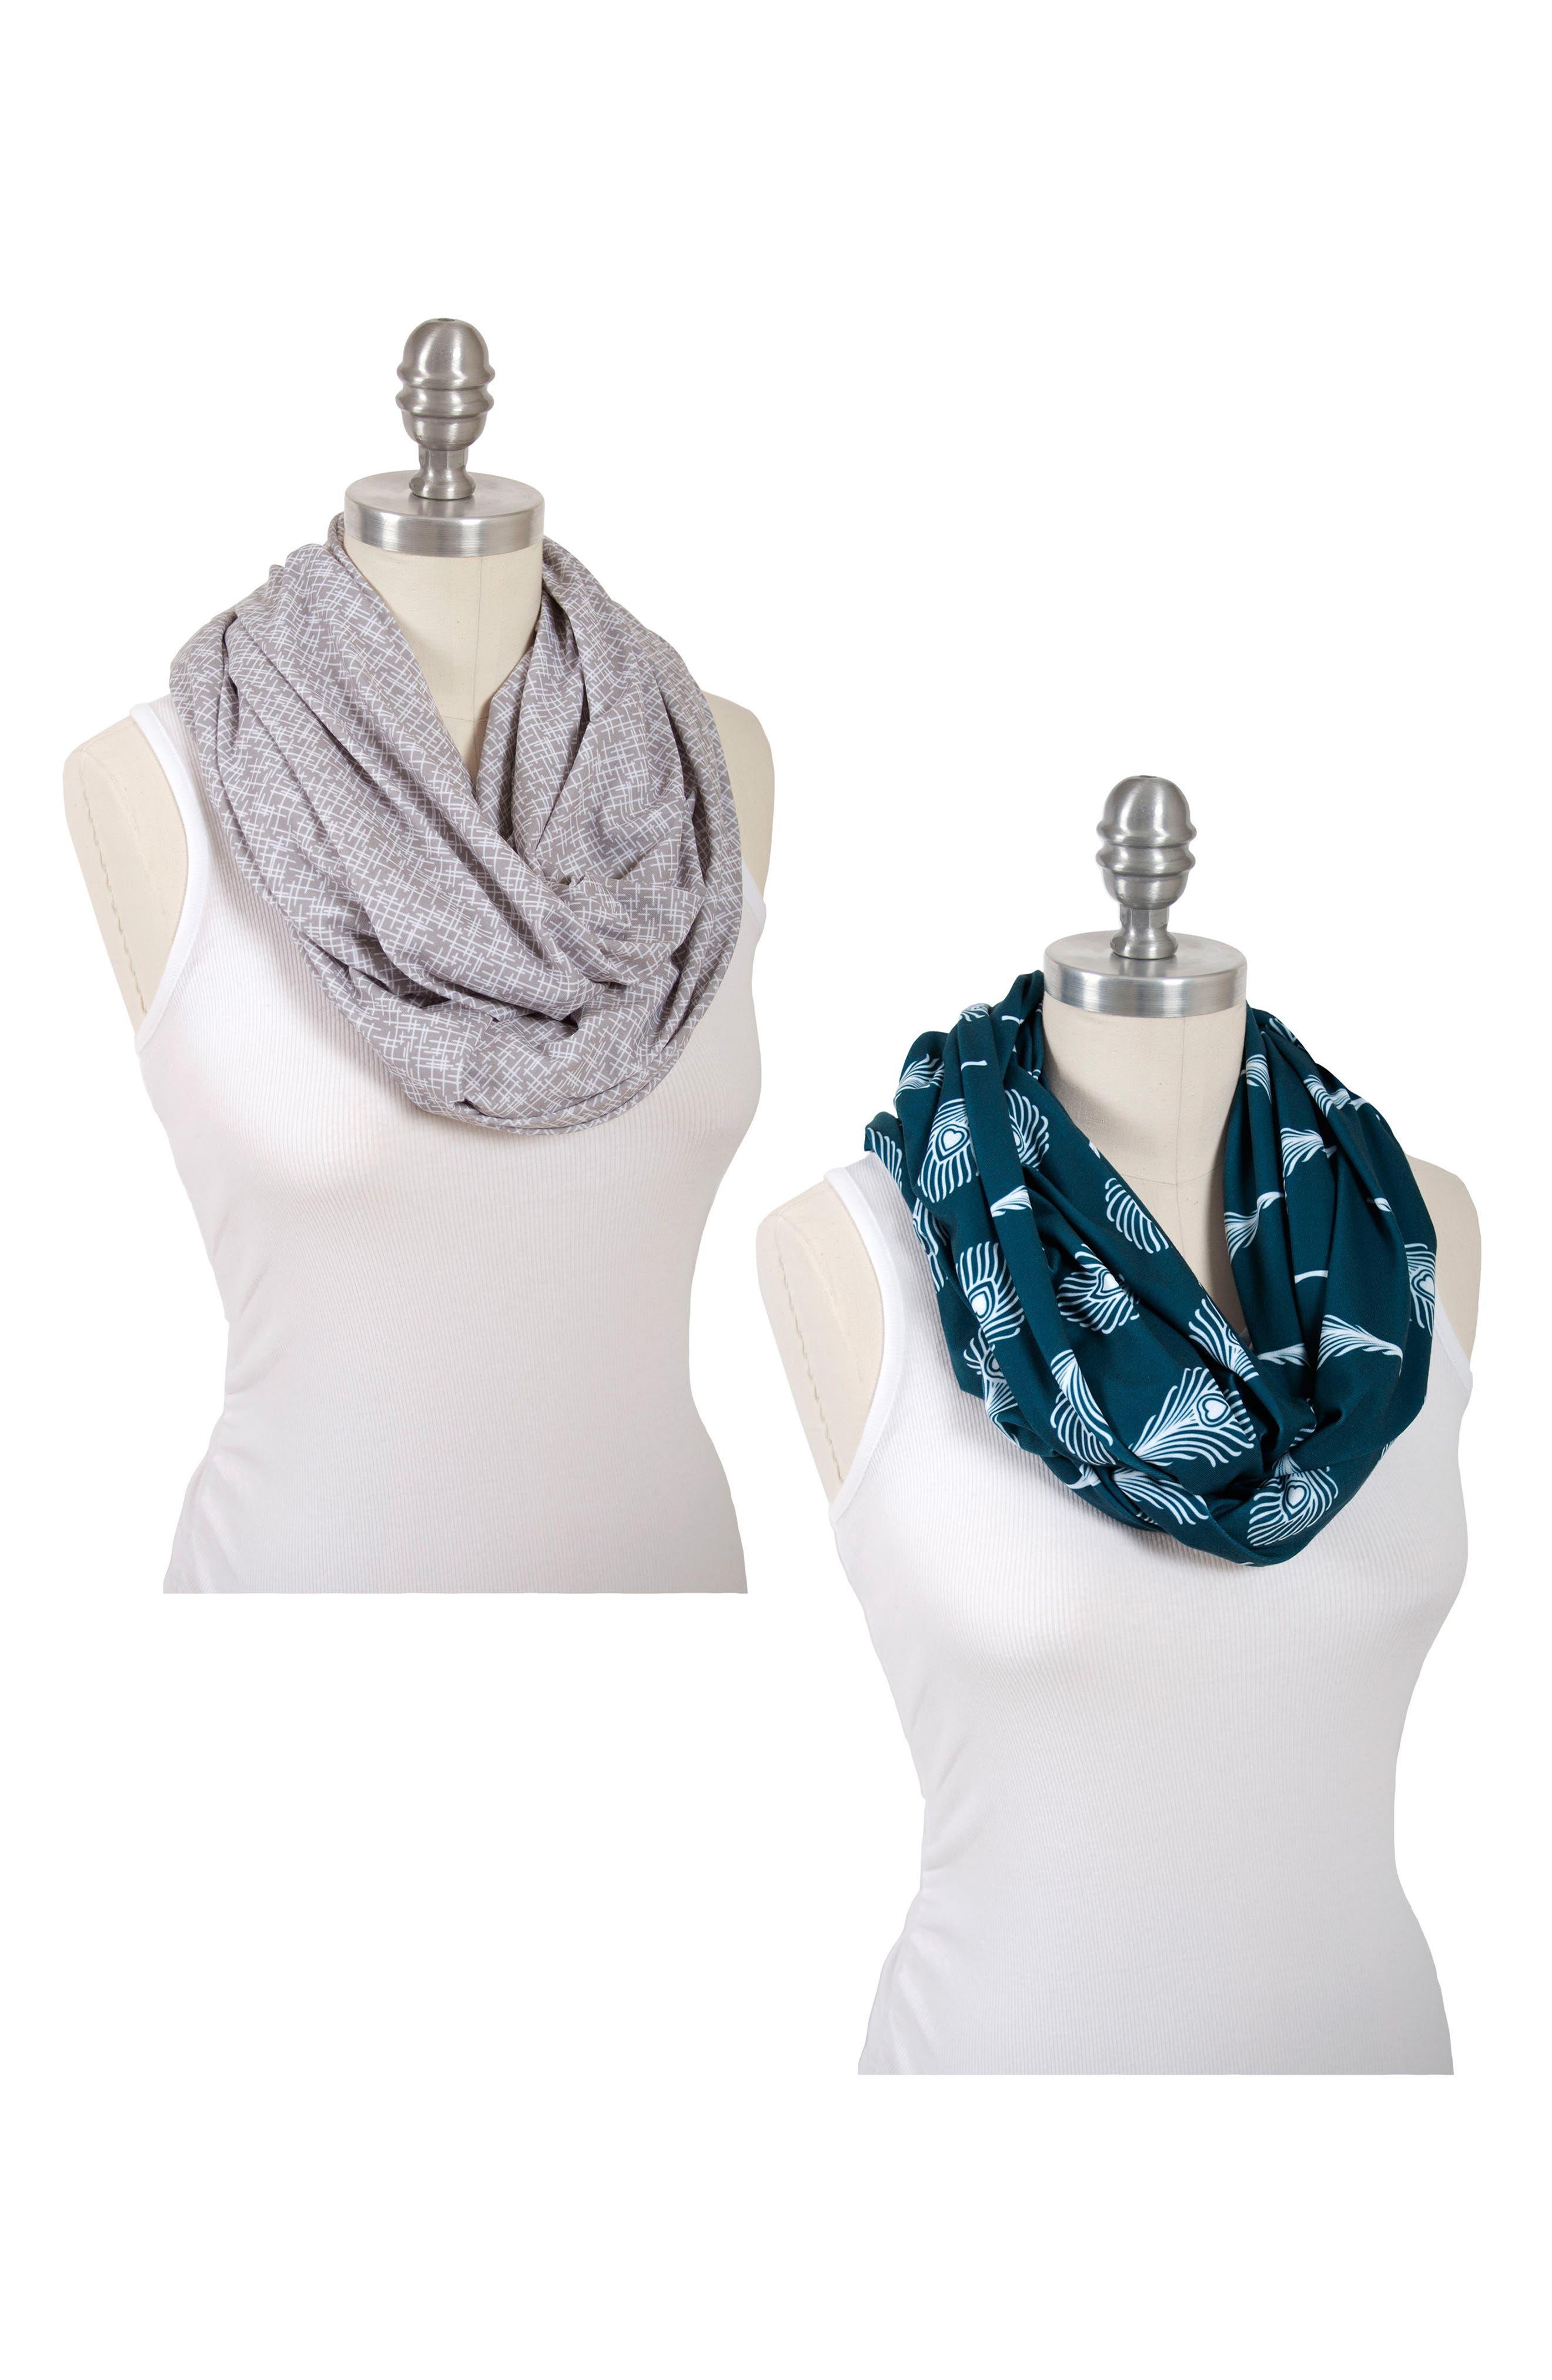 Bébé au Lait 2-Pack Infinity Nursing Scarves